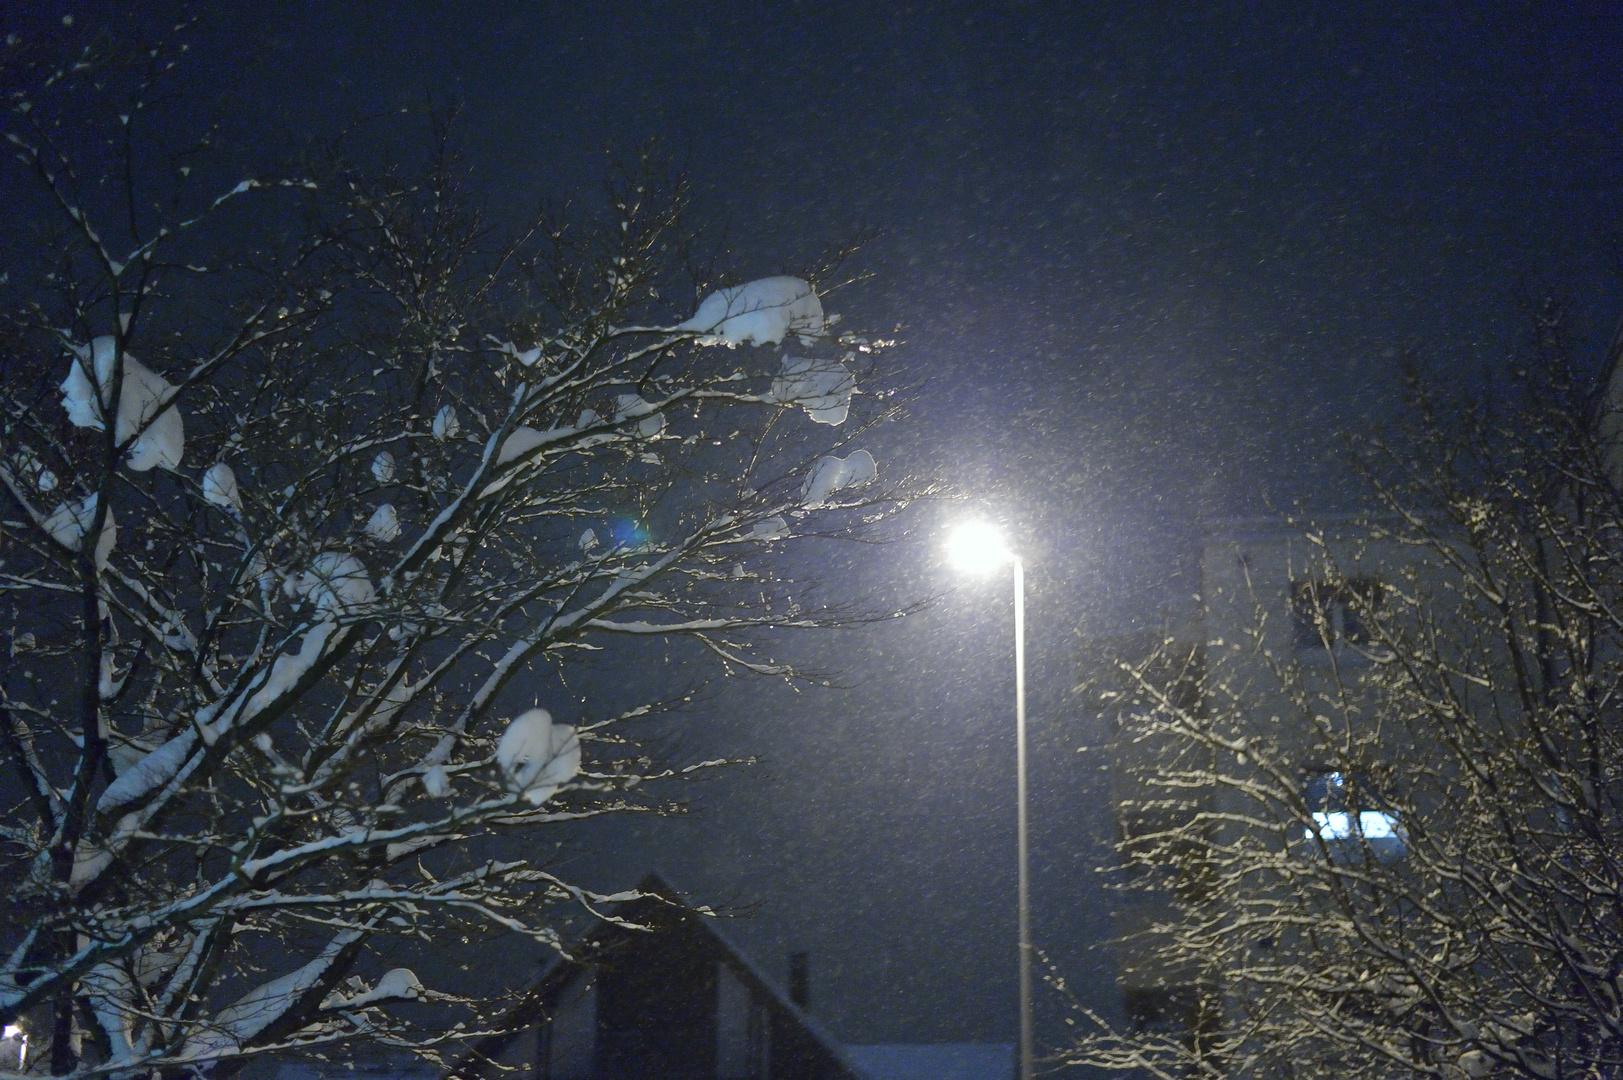 Schneefall am frühen Morgen